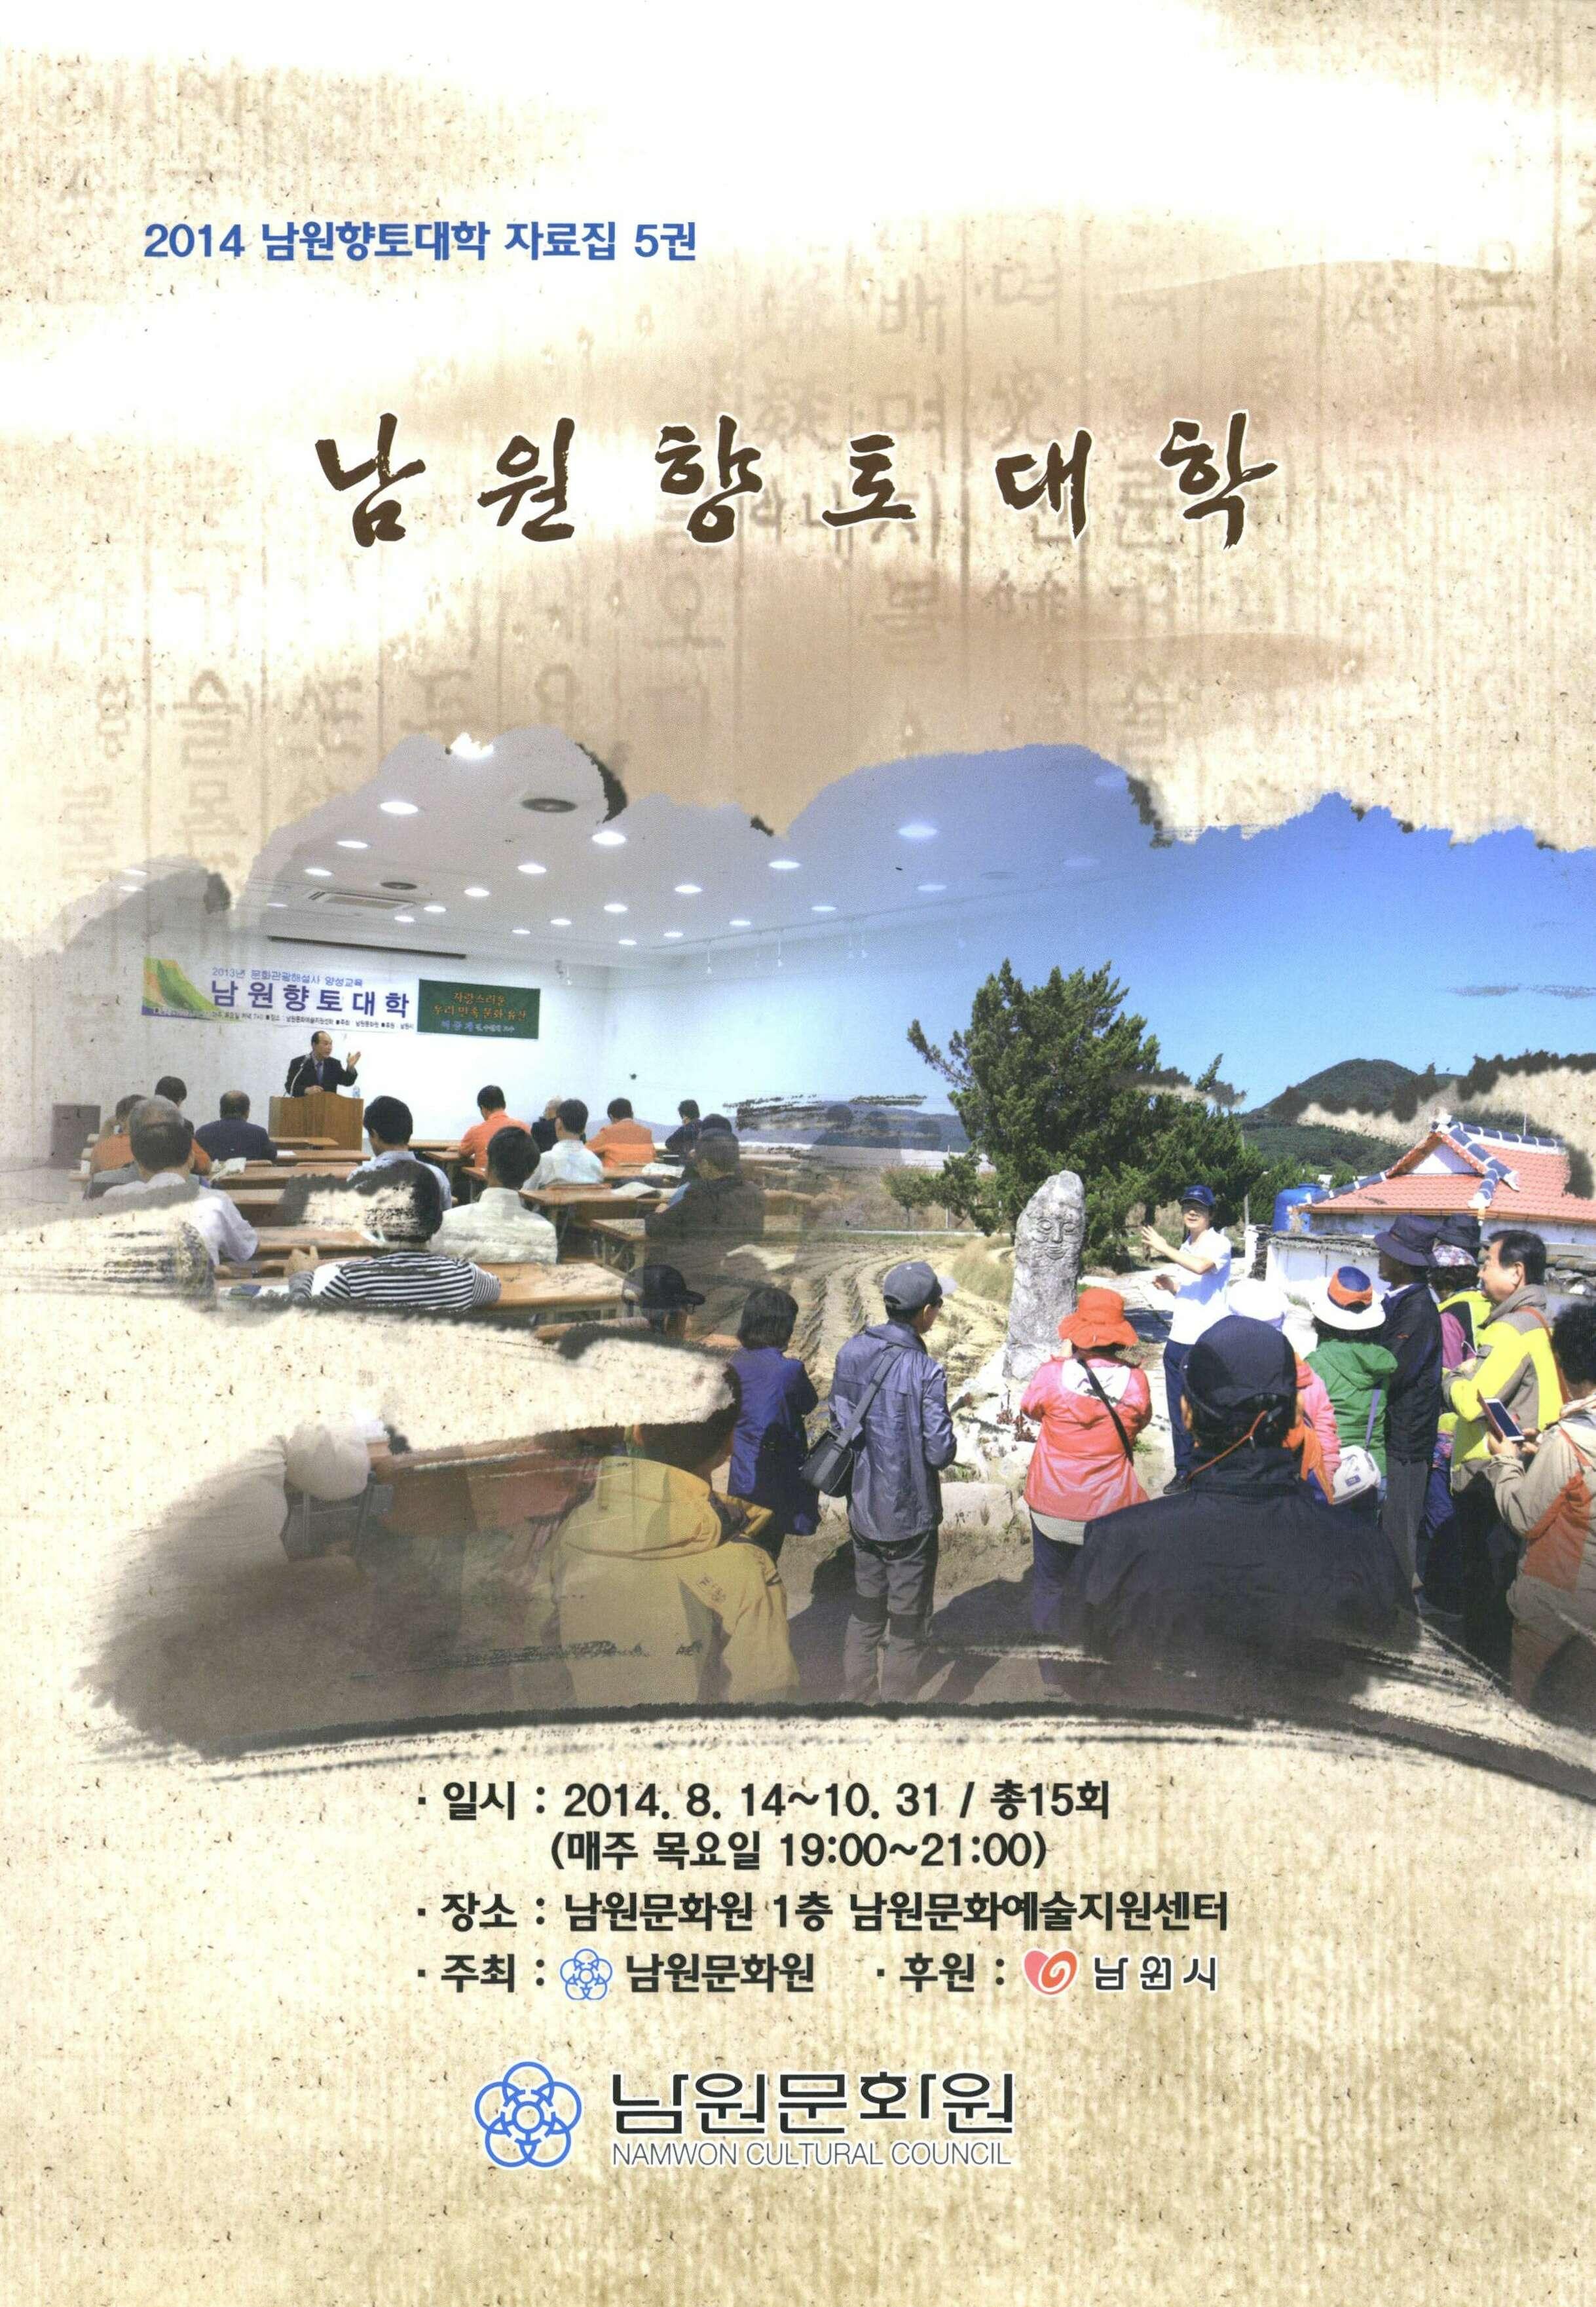 2014 남원향토대학 자료집 5권 남원향토대학